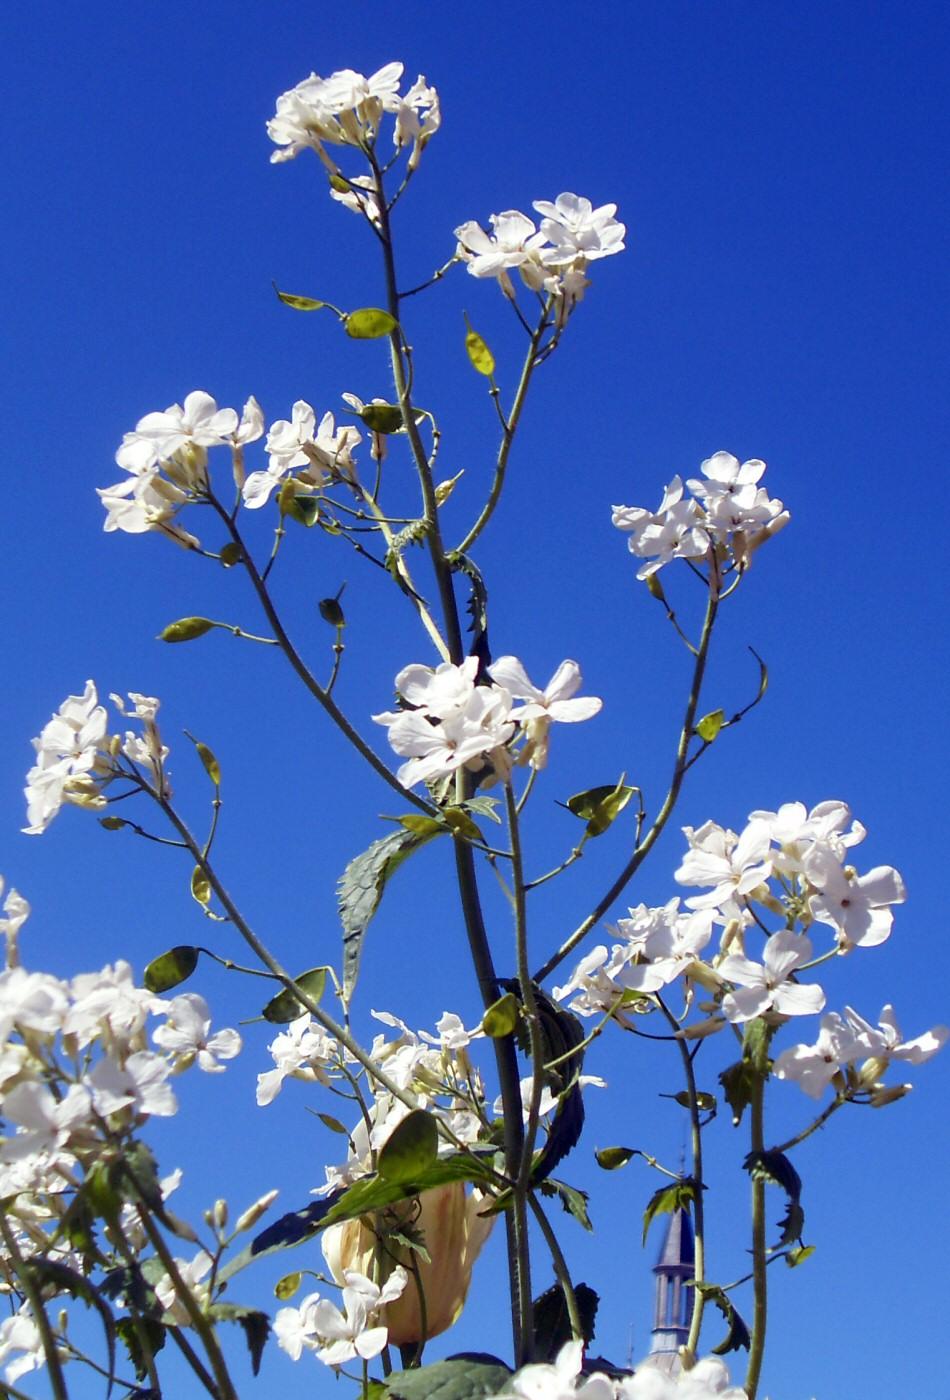 photographie de fleurs blanches sur ciel bleu